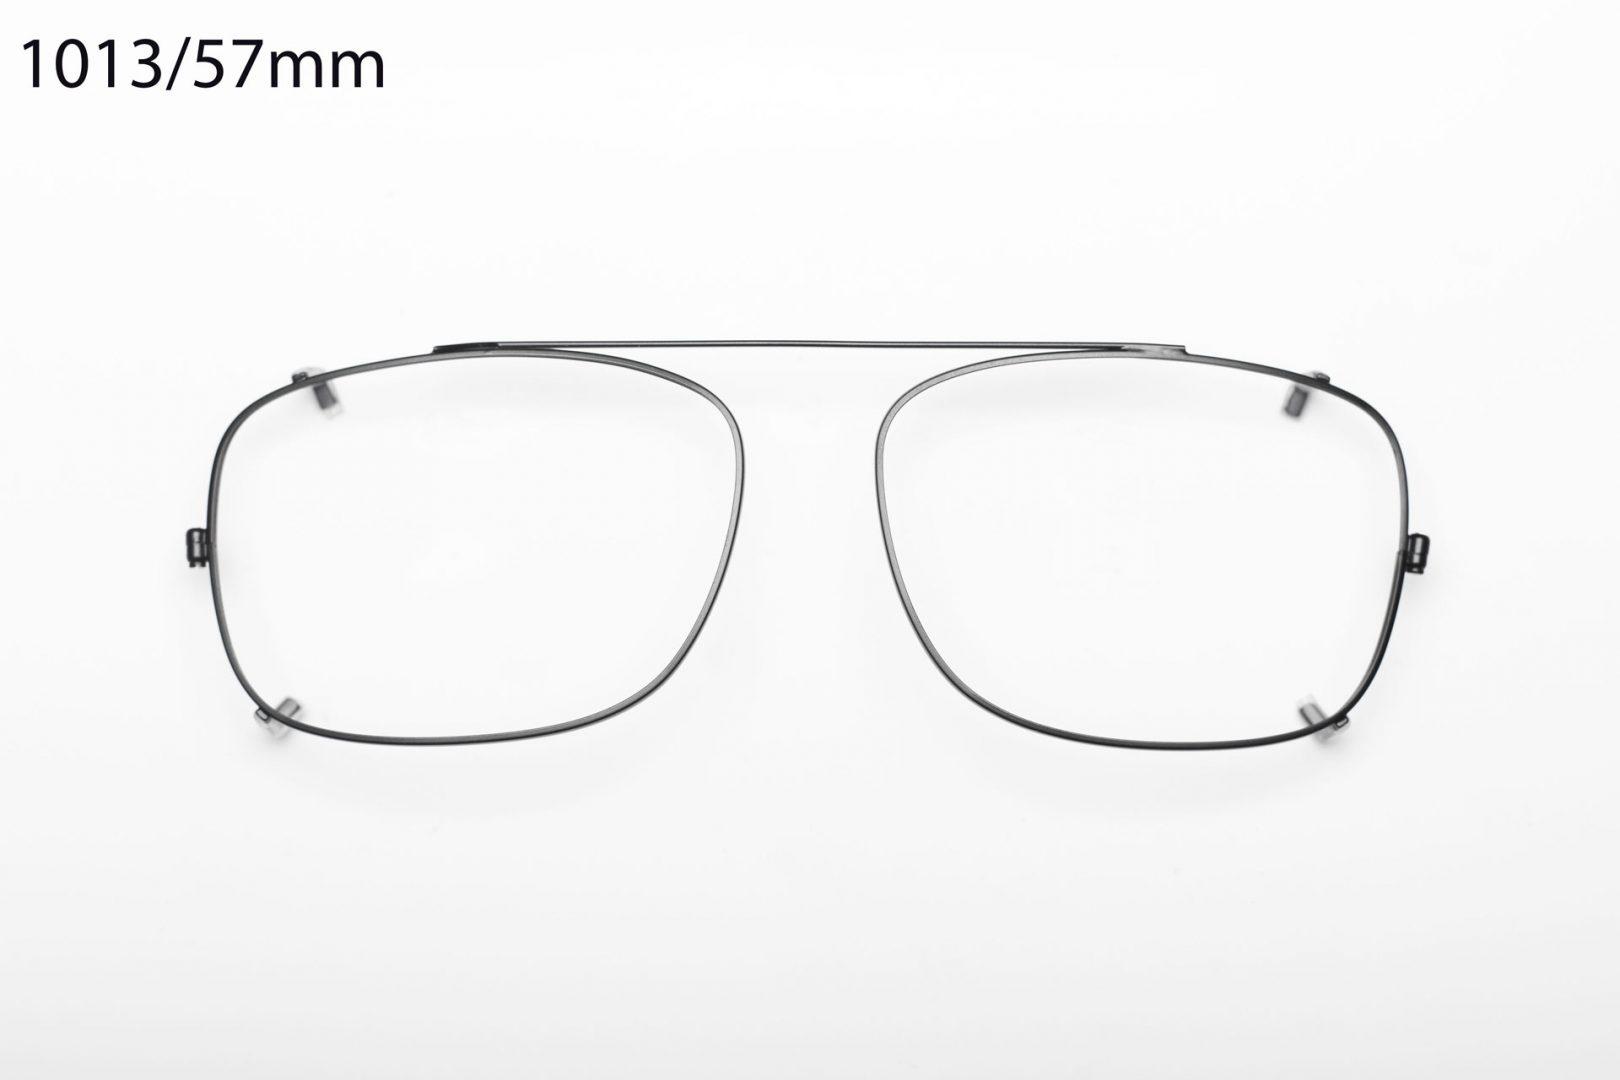 Modèle A40-101357mm